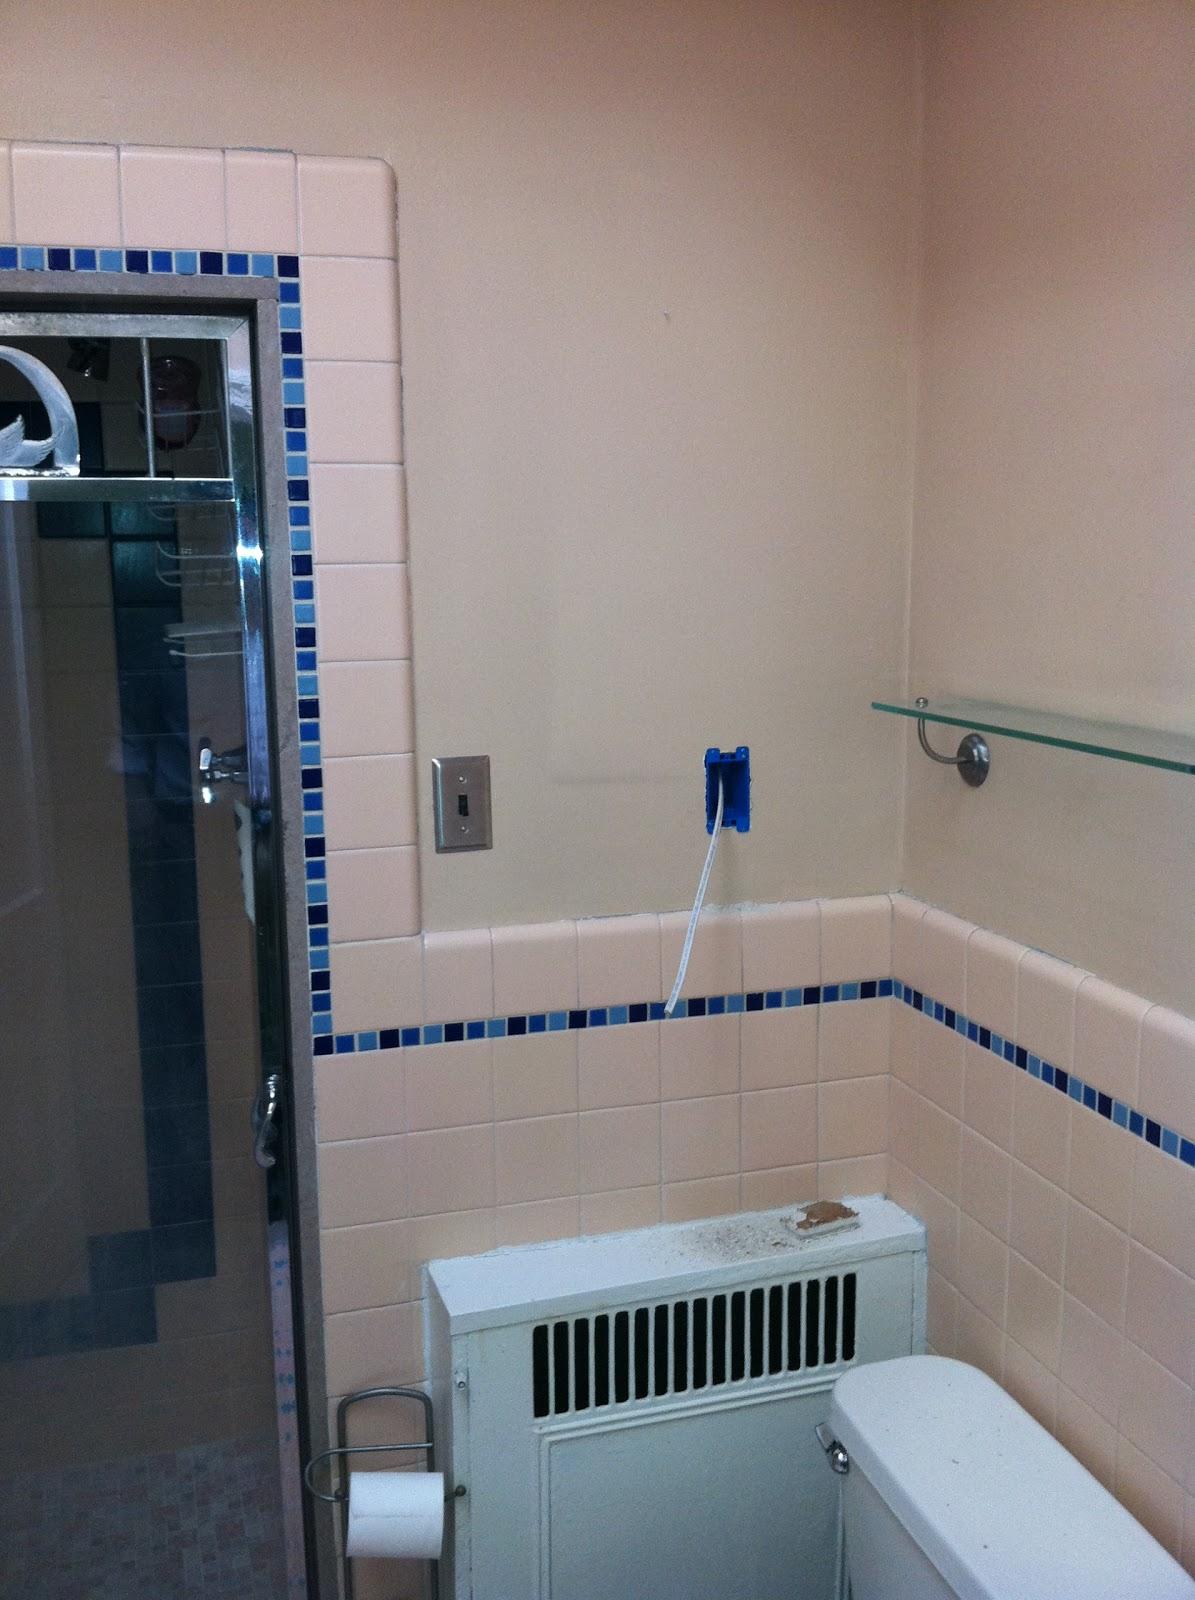 GEN3 Electric (215) 352-5963: Add a GFCI to a Bathroom